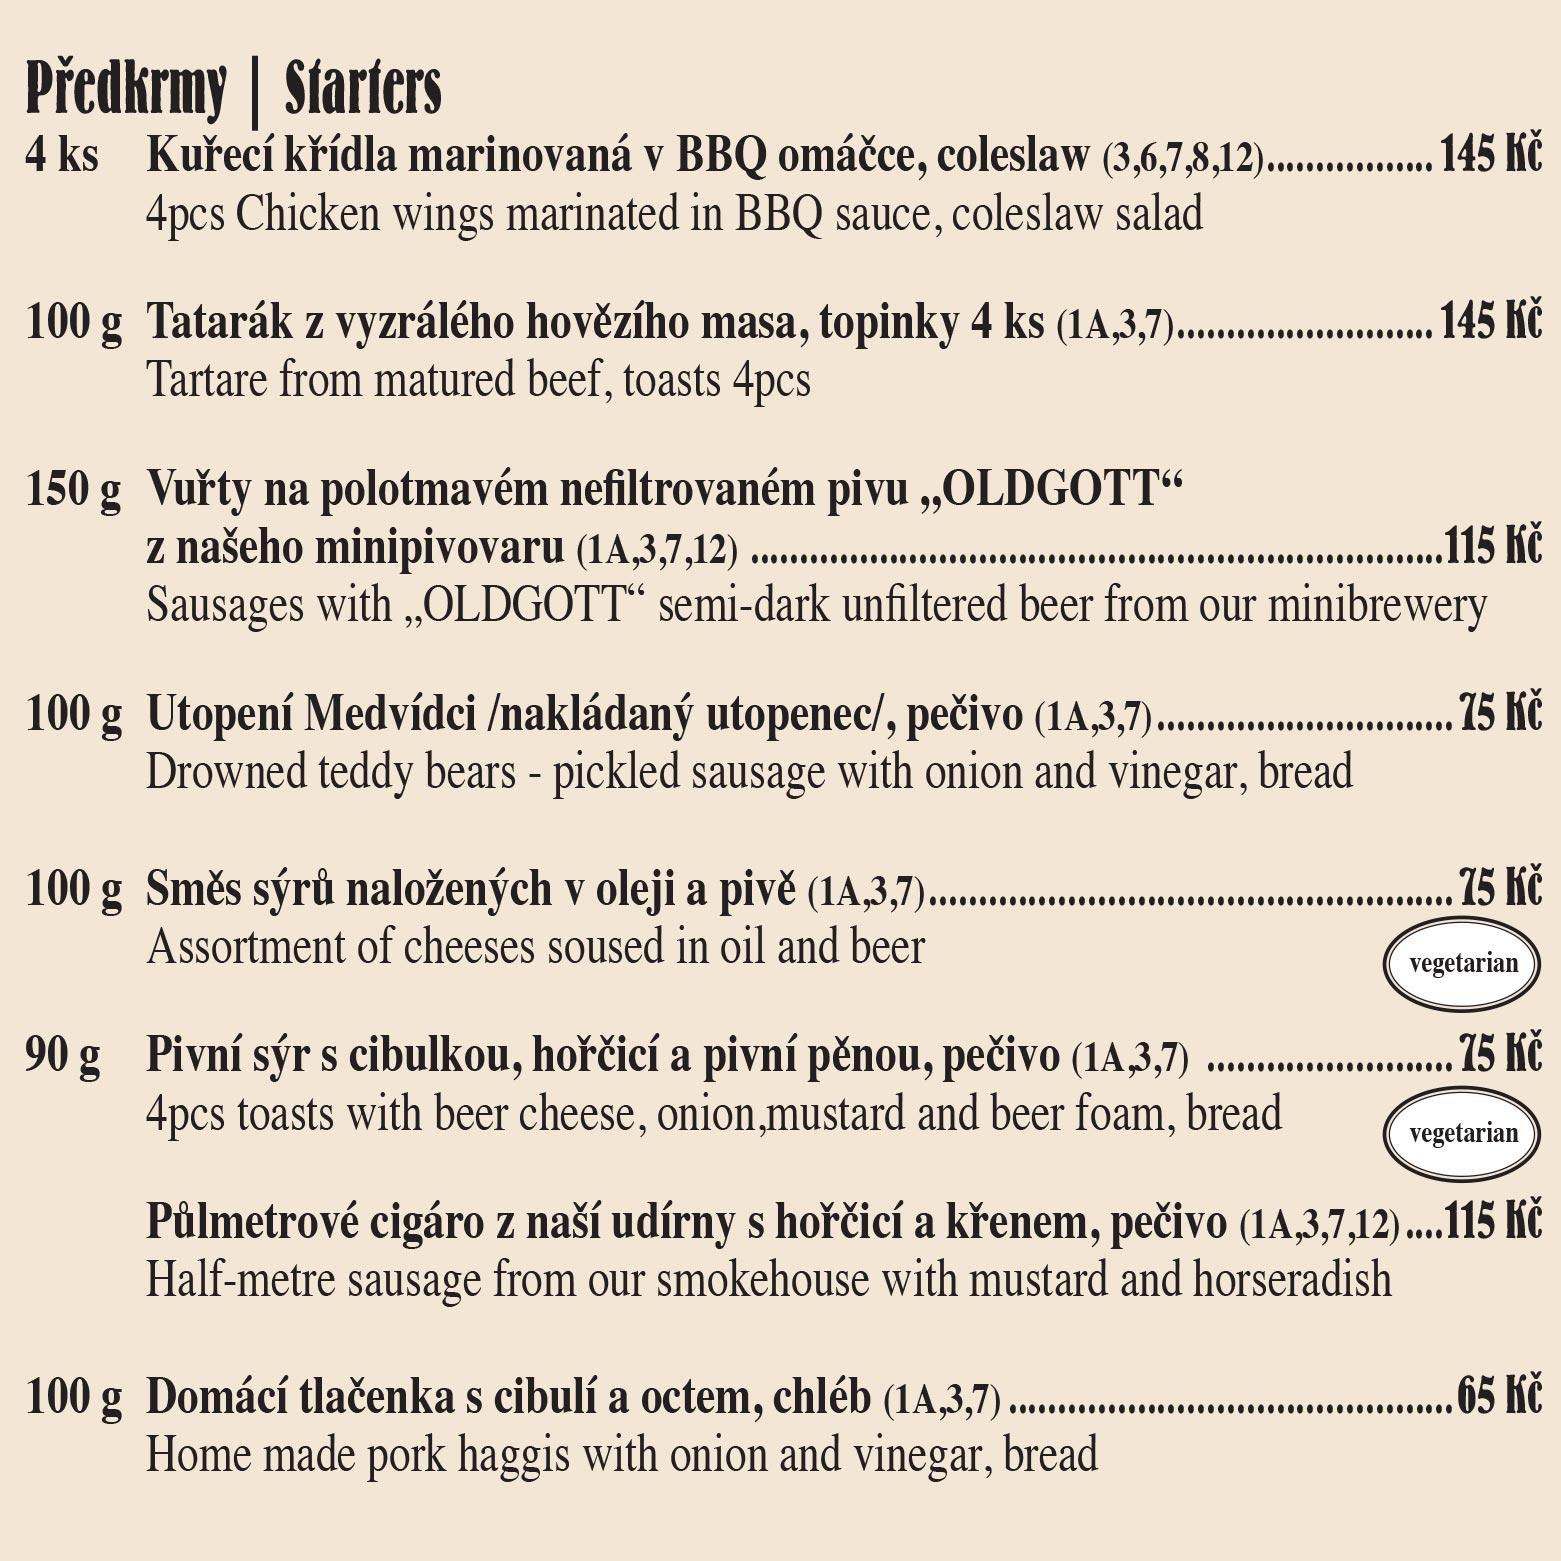 Tradiční česká restaurace v centru Prahy U Medvídků